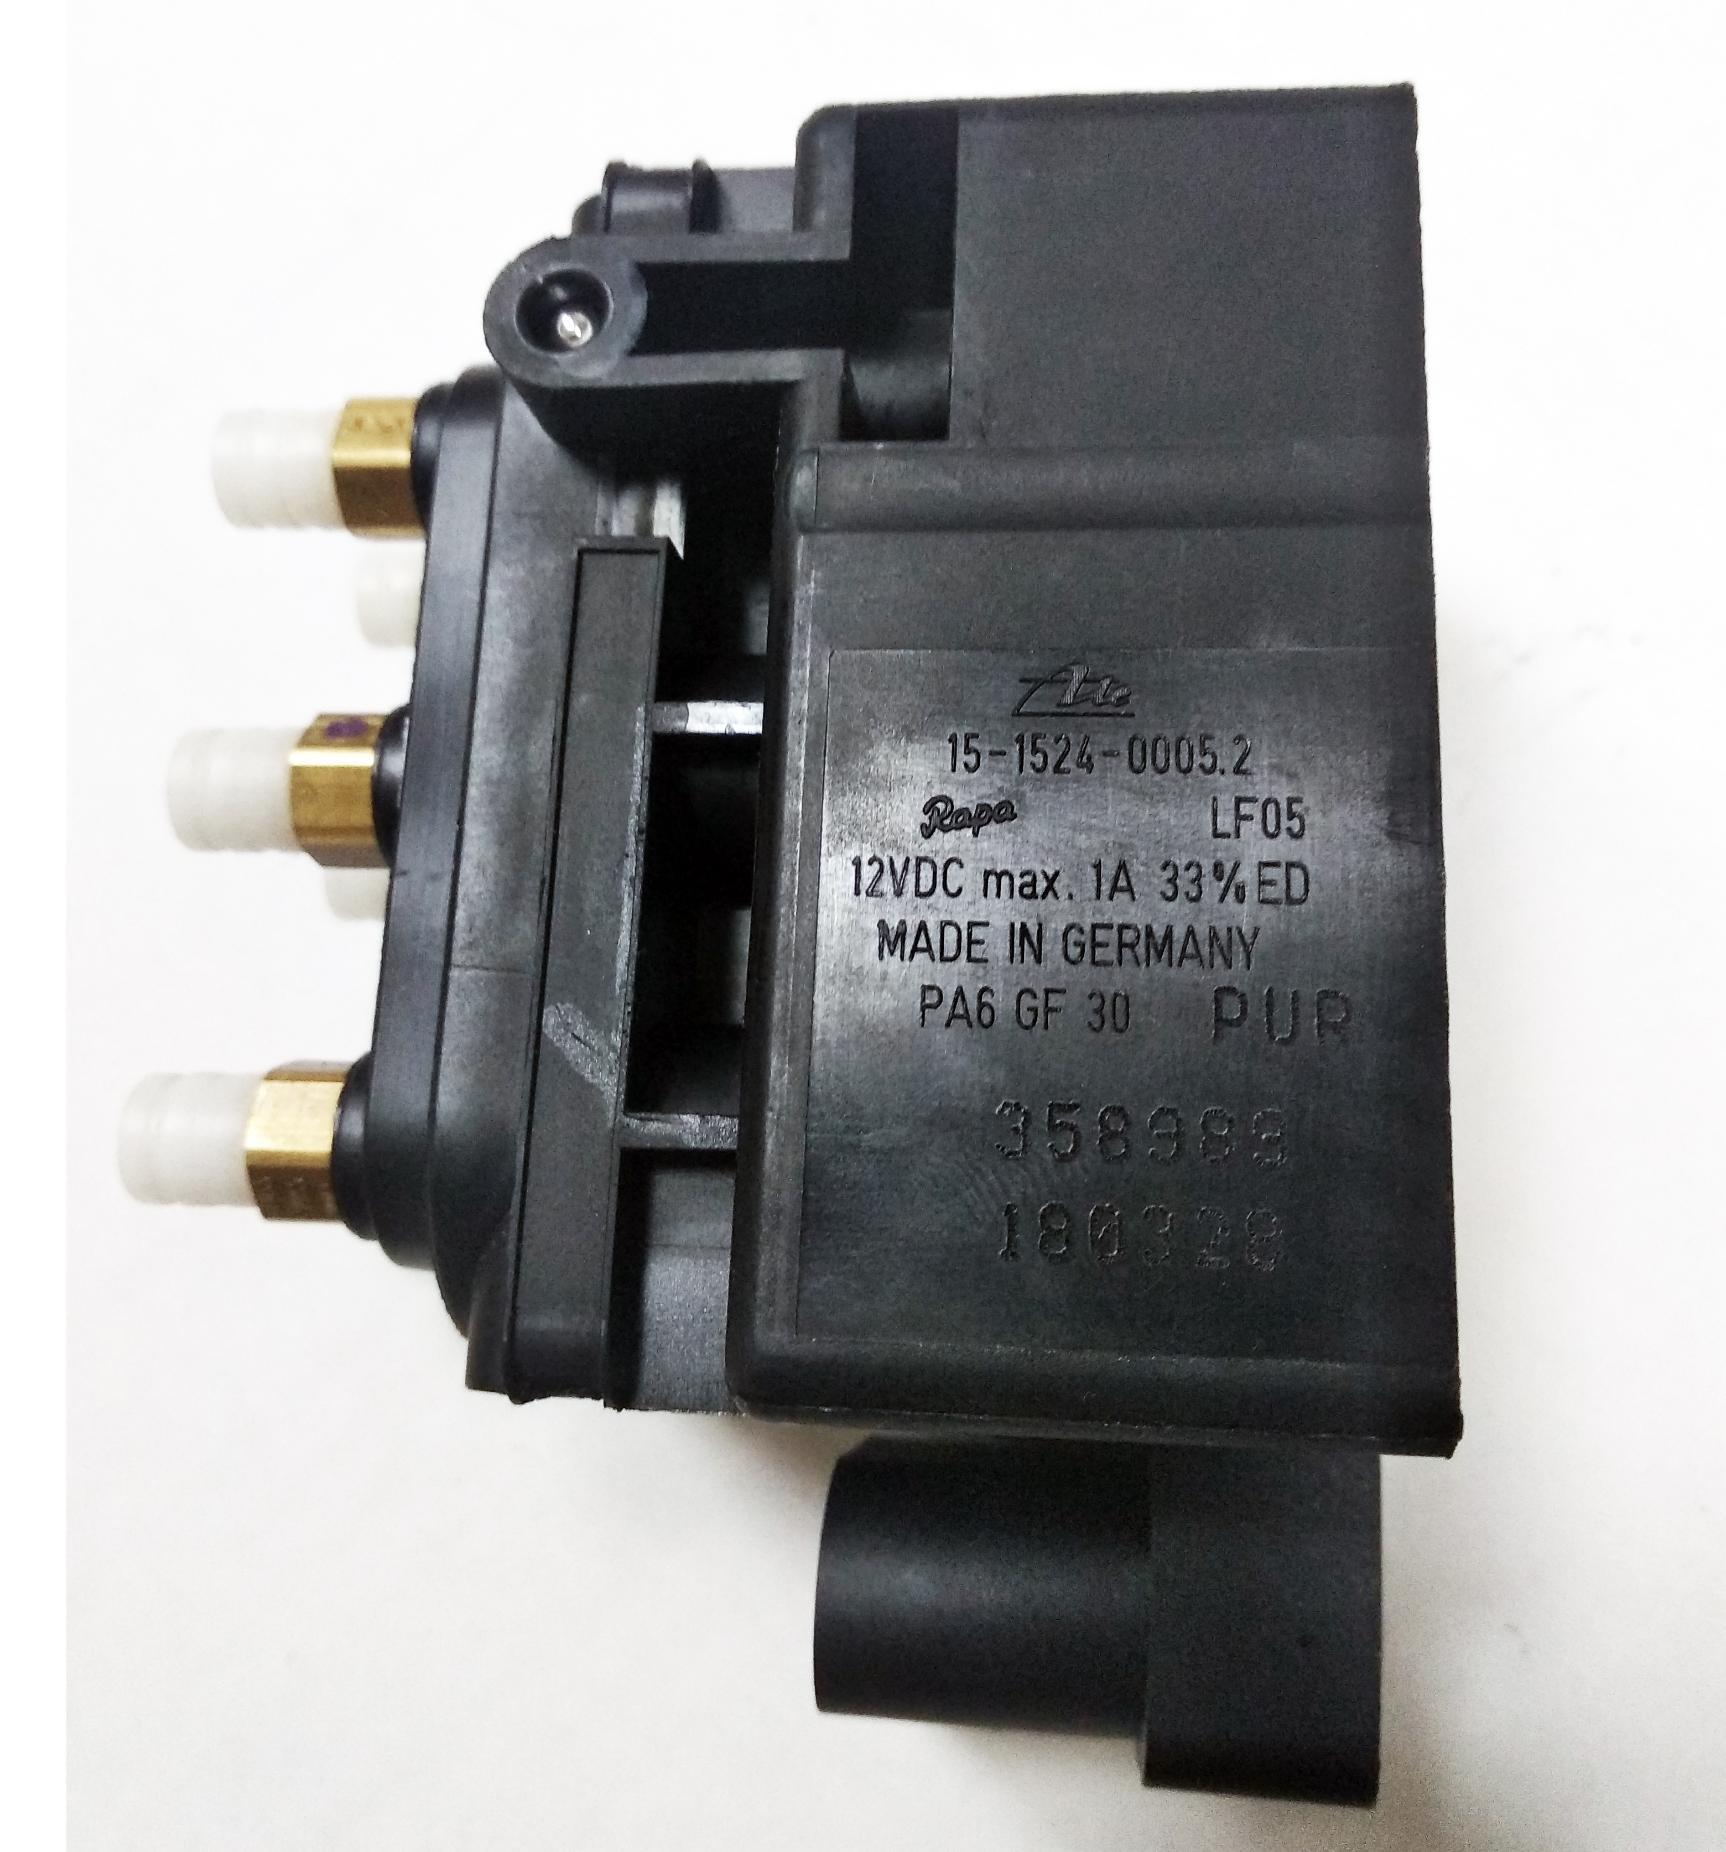 картинка Оригинальный блок клапанов пневмоподвески Audi A6 (C5 4B, C6 4F), A8 (D3 4E) от магазина пневмоподвески ПневмоМаркет